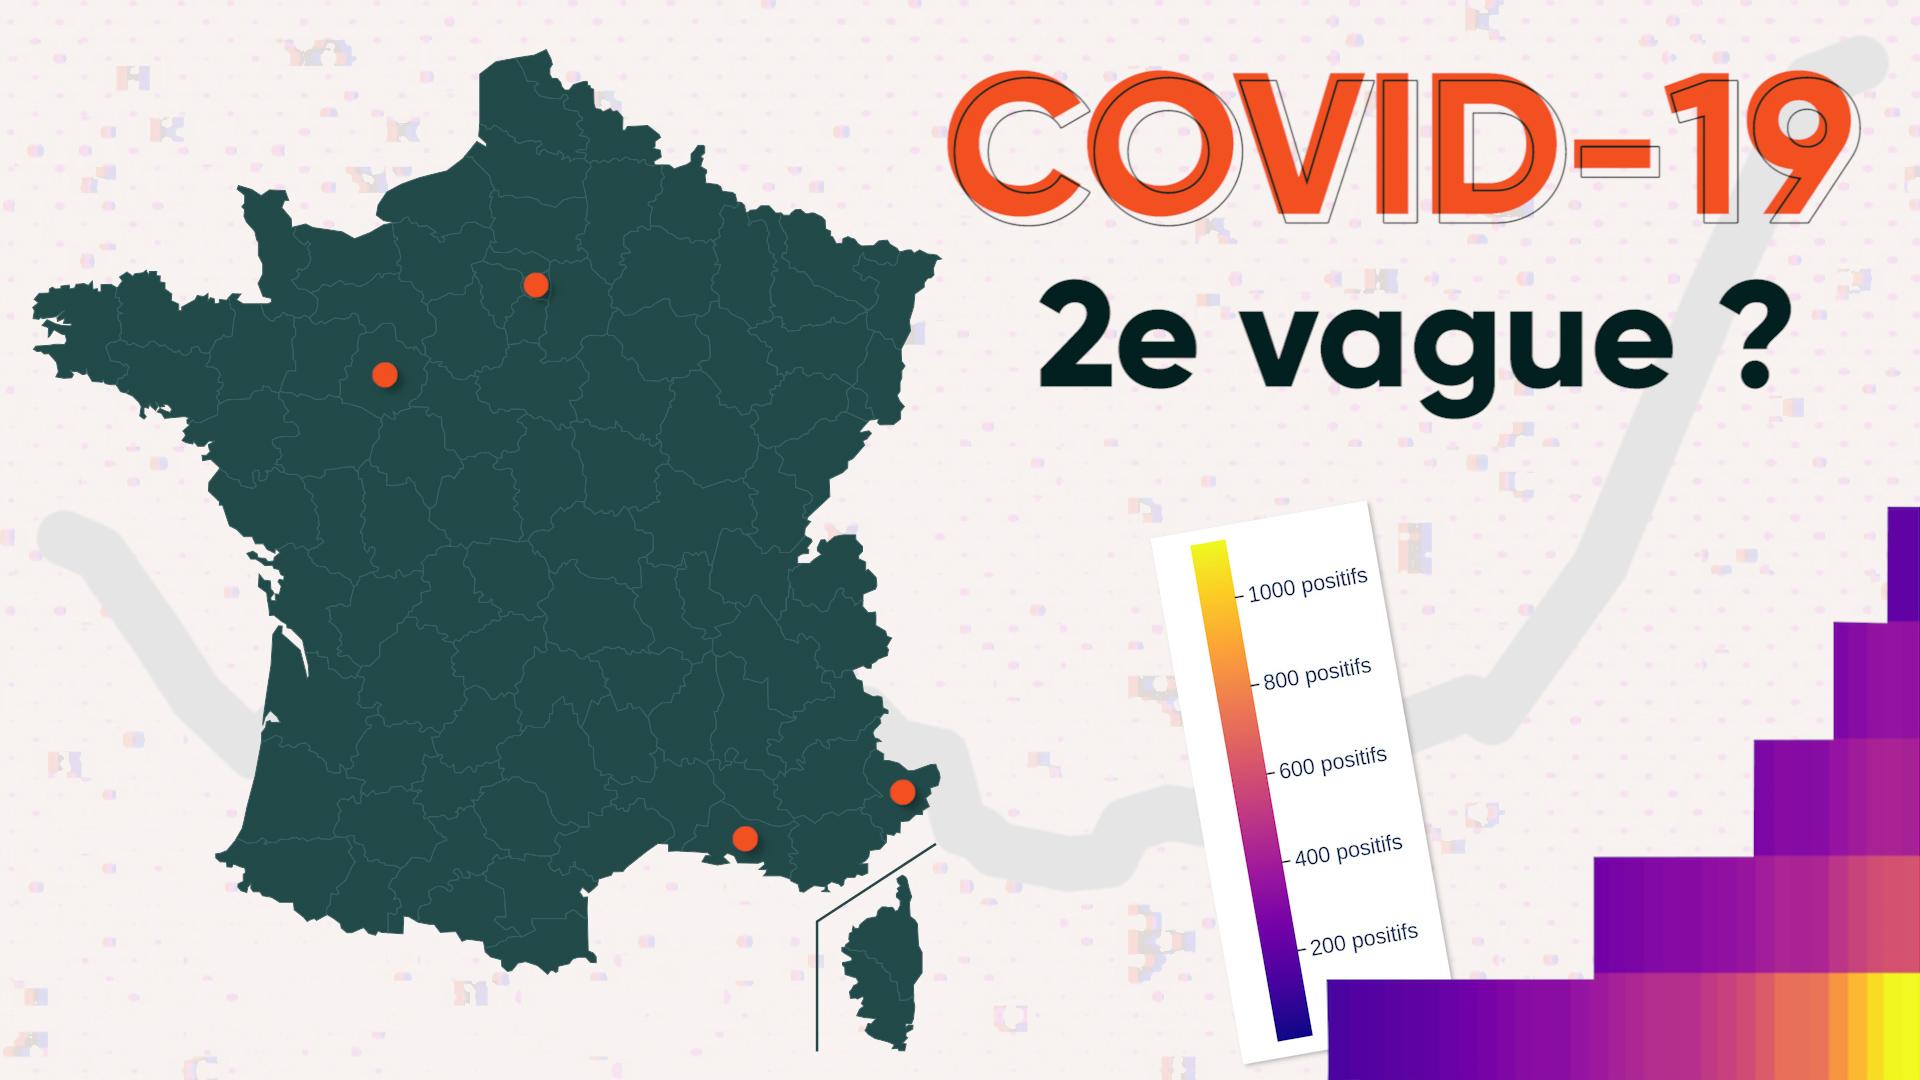 Covid-19 : la deuxième vague approche, vraiment ?